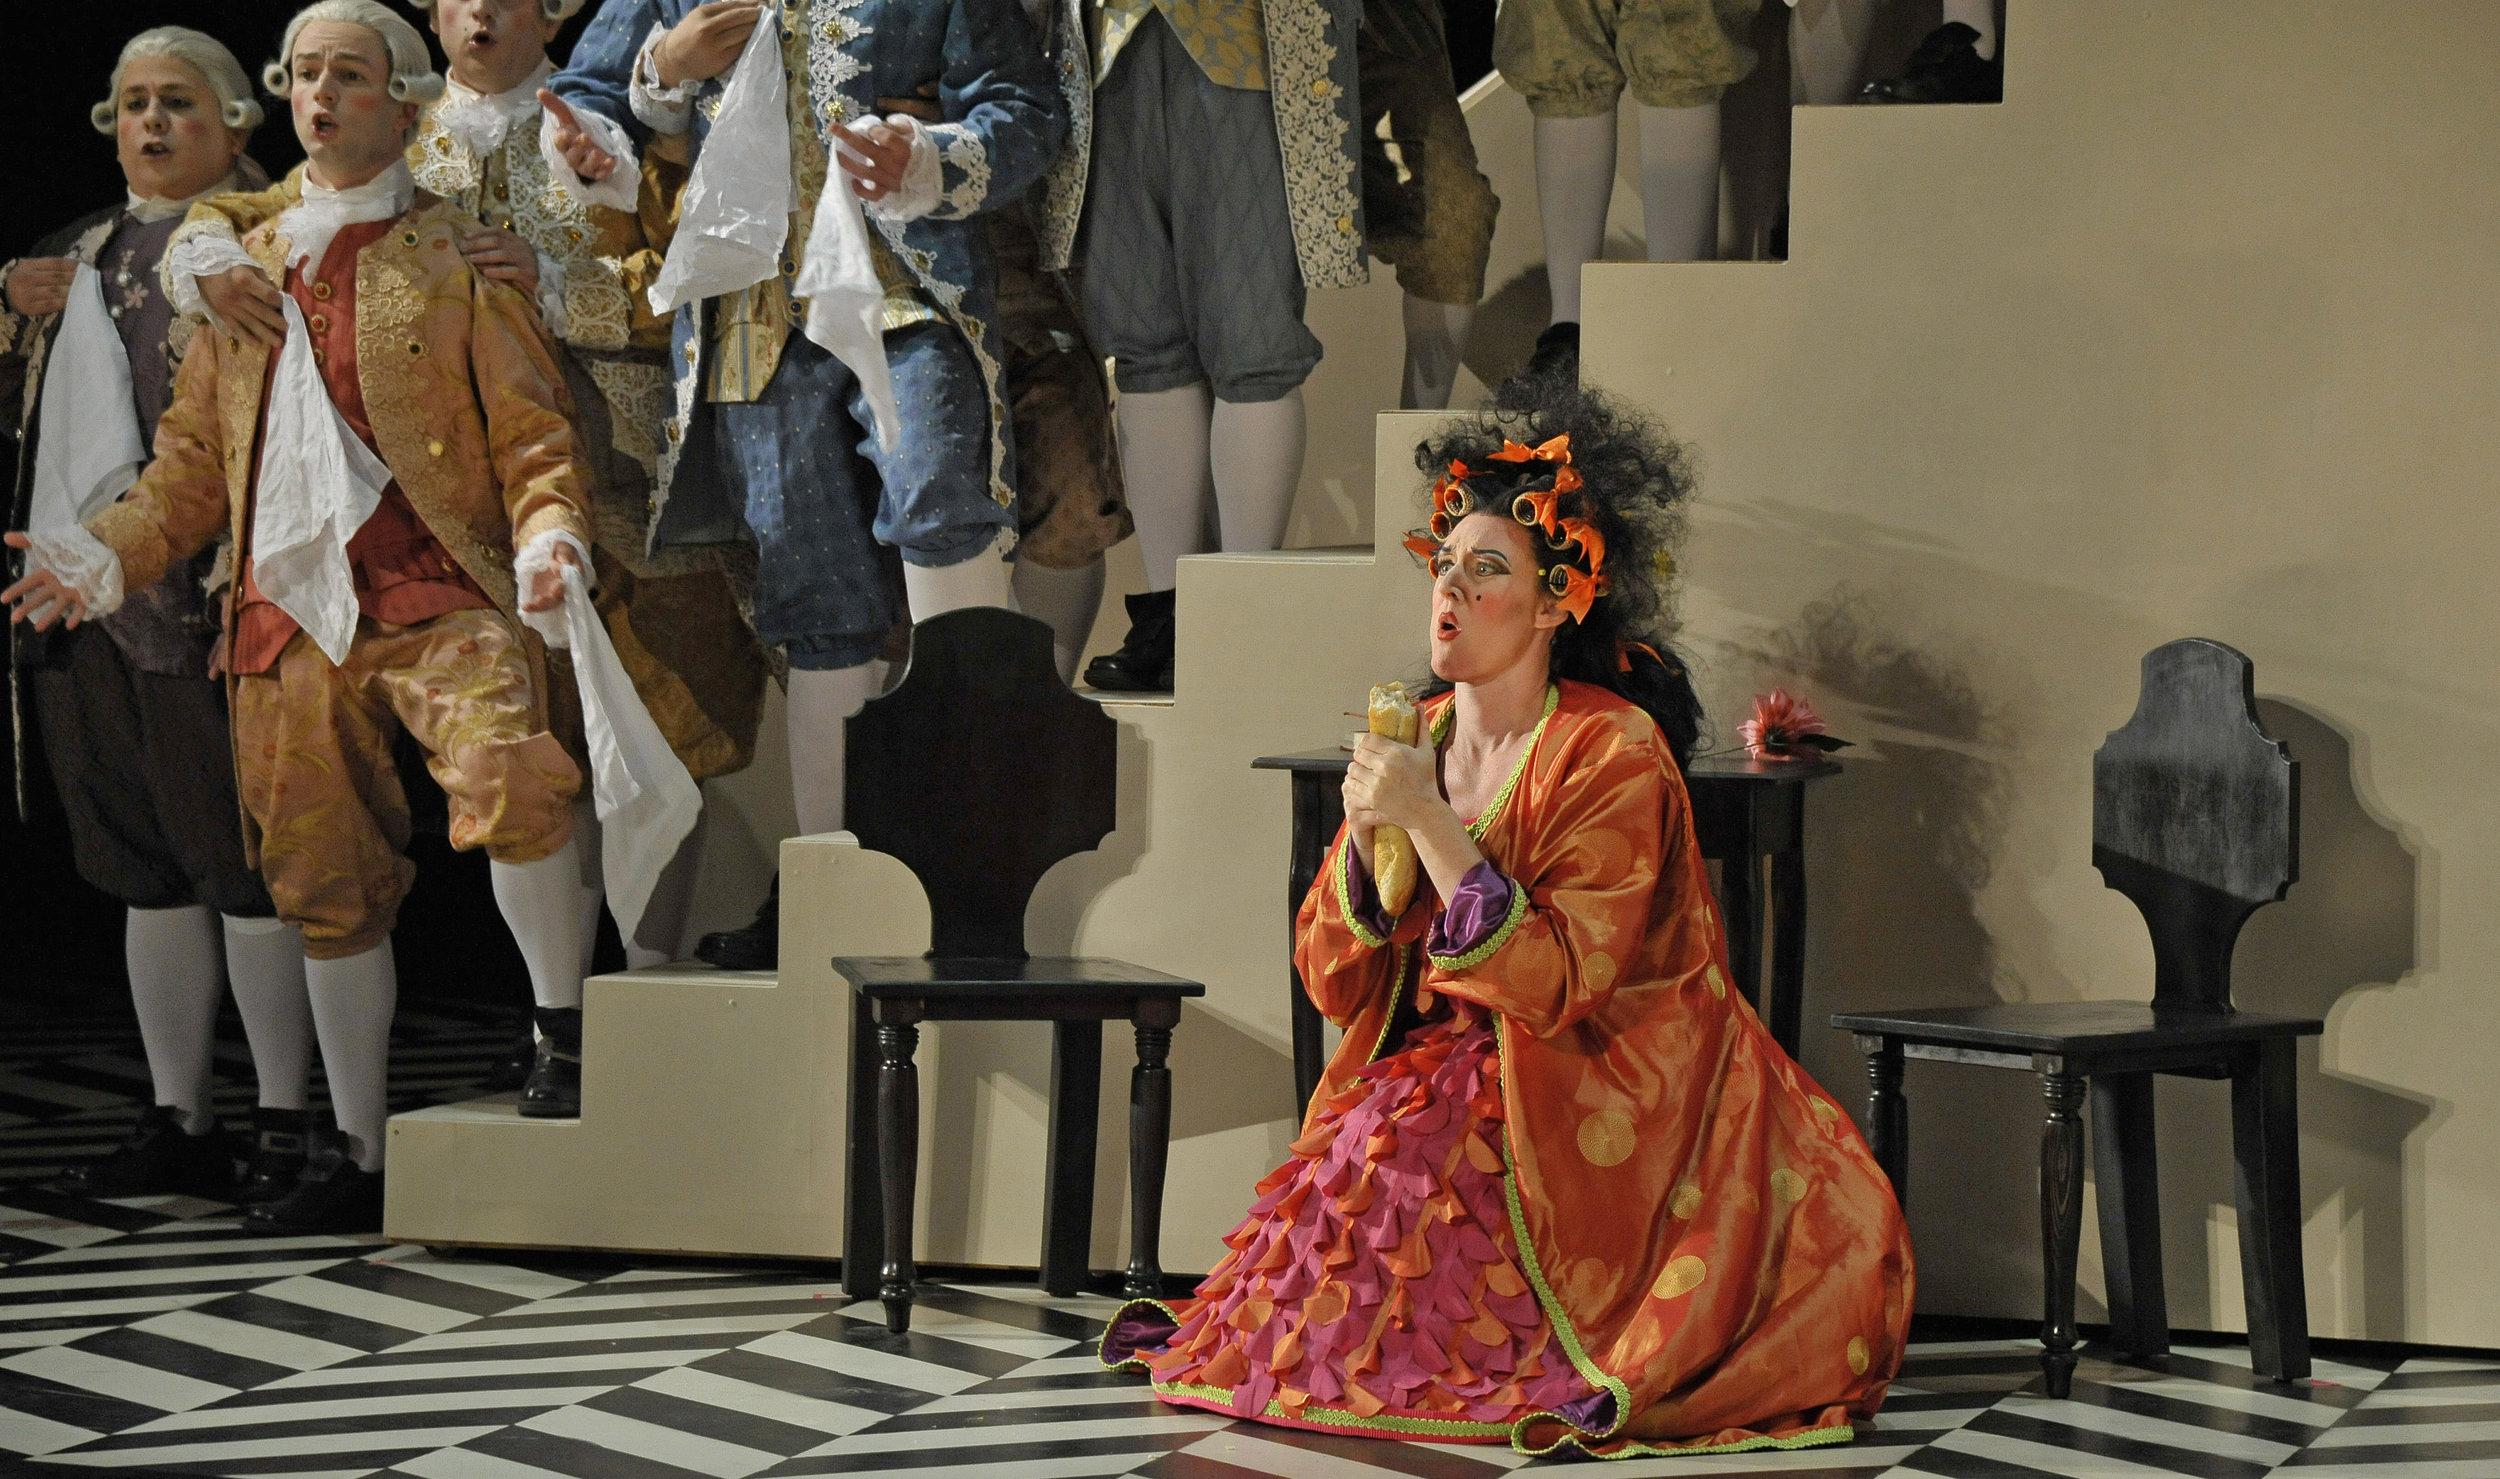 Opera_Saratoga_GG27522.jpg